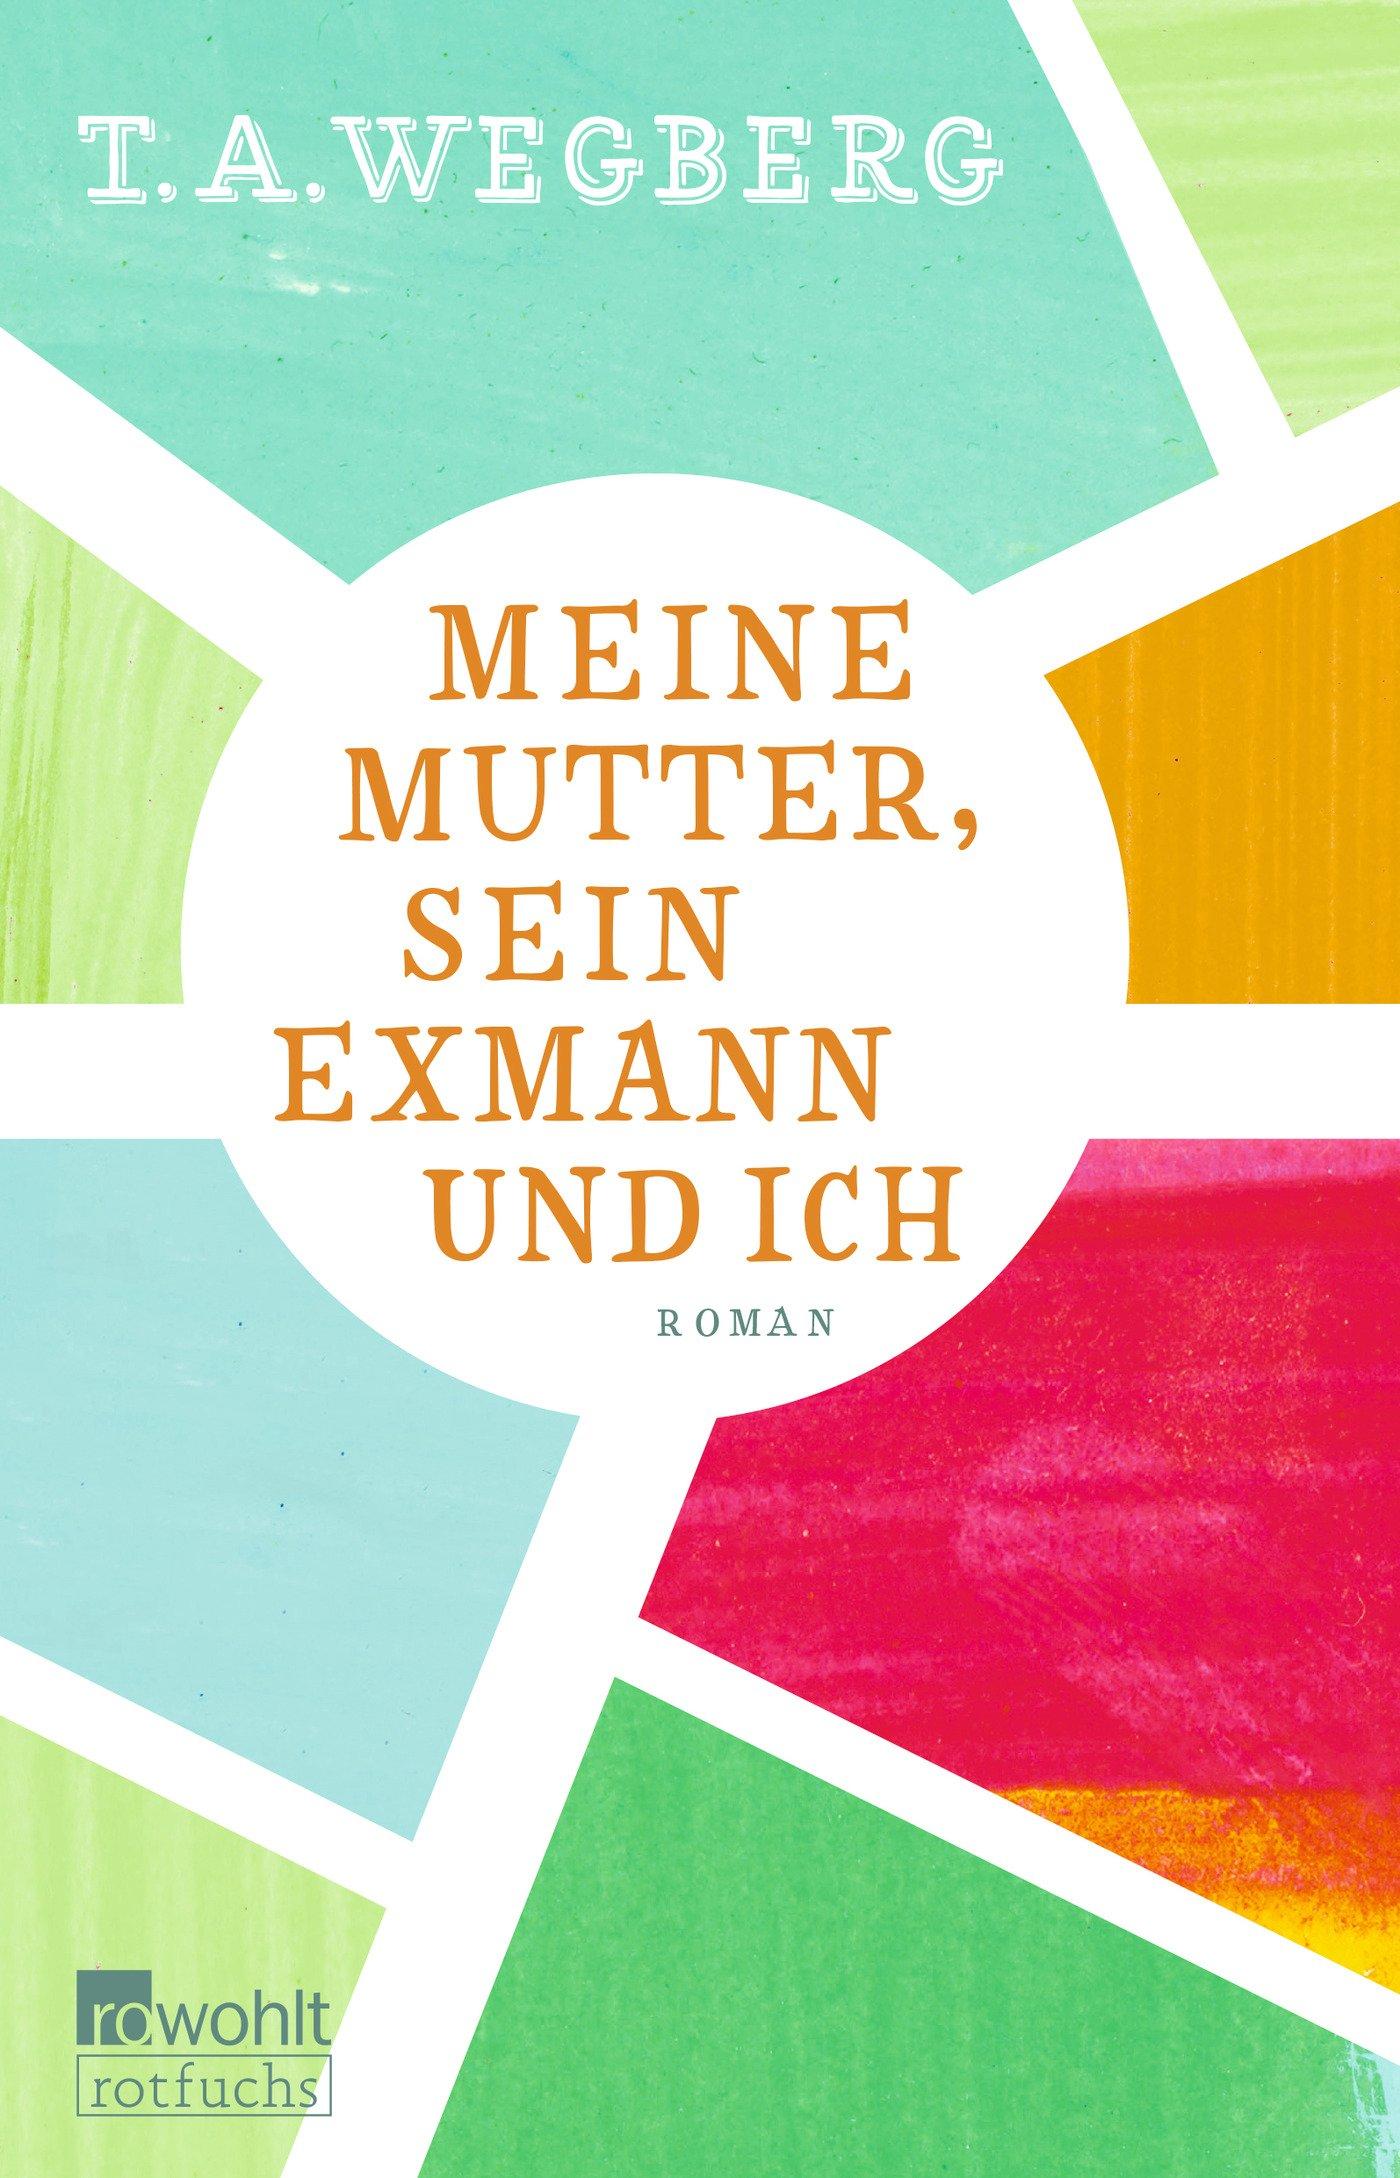 Meine Mutter, sein Exmann und ich Broschiert – 10. März 2017 T. A. Wegberg Rowohlt Taschenbuch 3499217597 für die Sekundarstufe I